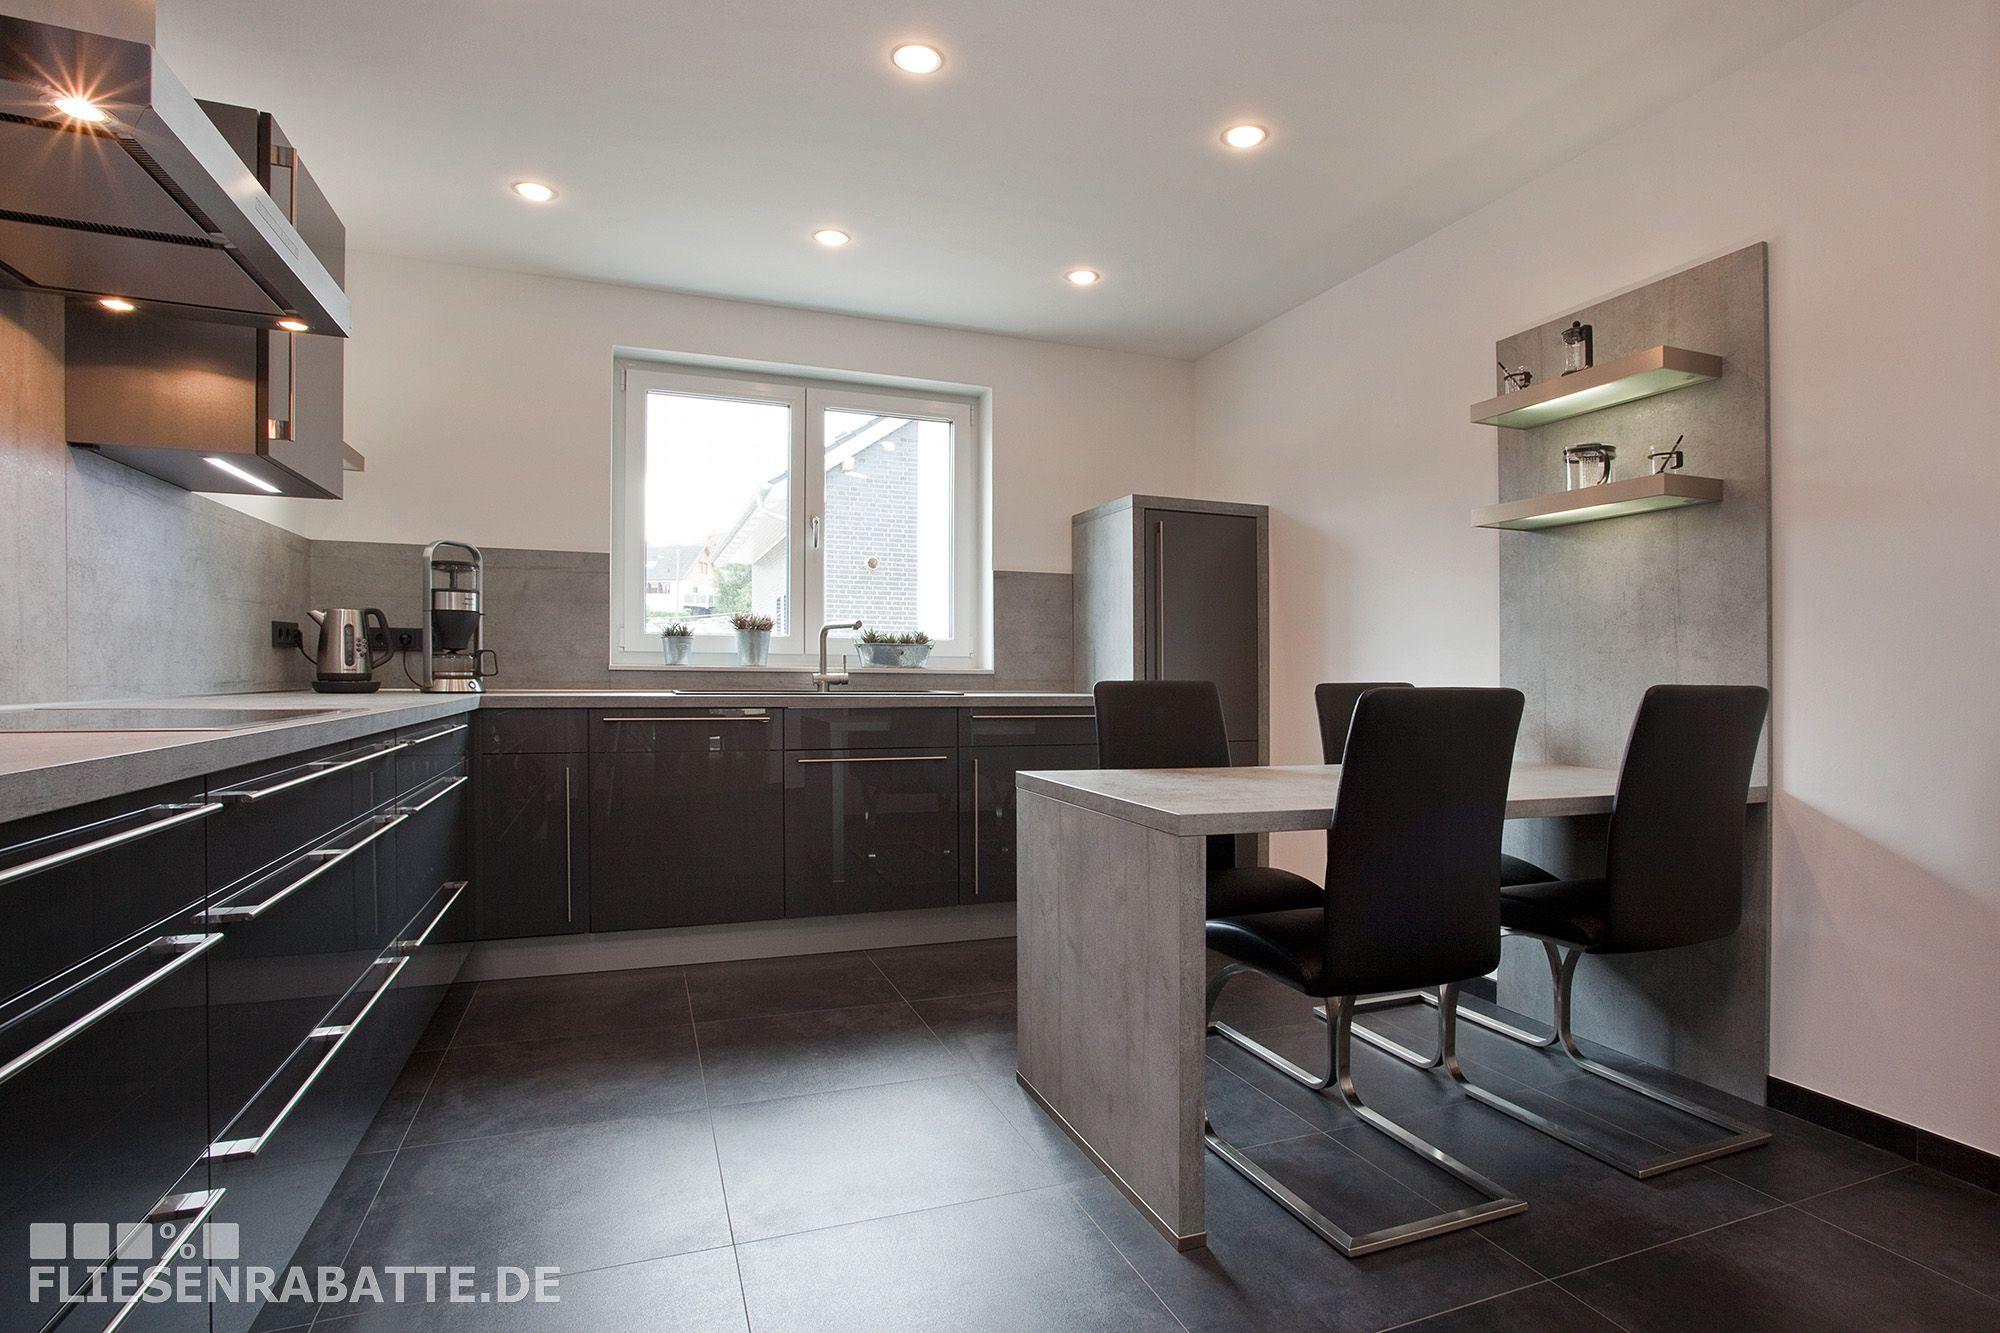 Bodenfliesen Küche farblich abgestimmt zu den Küchenfronten und der ...